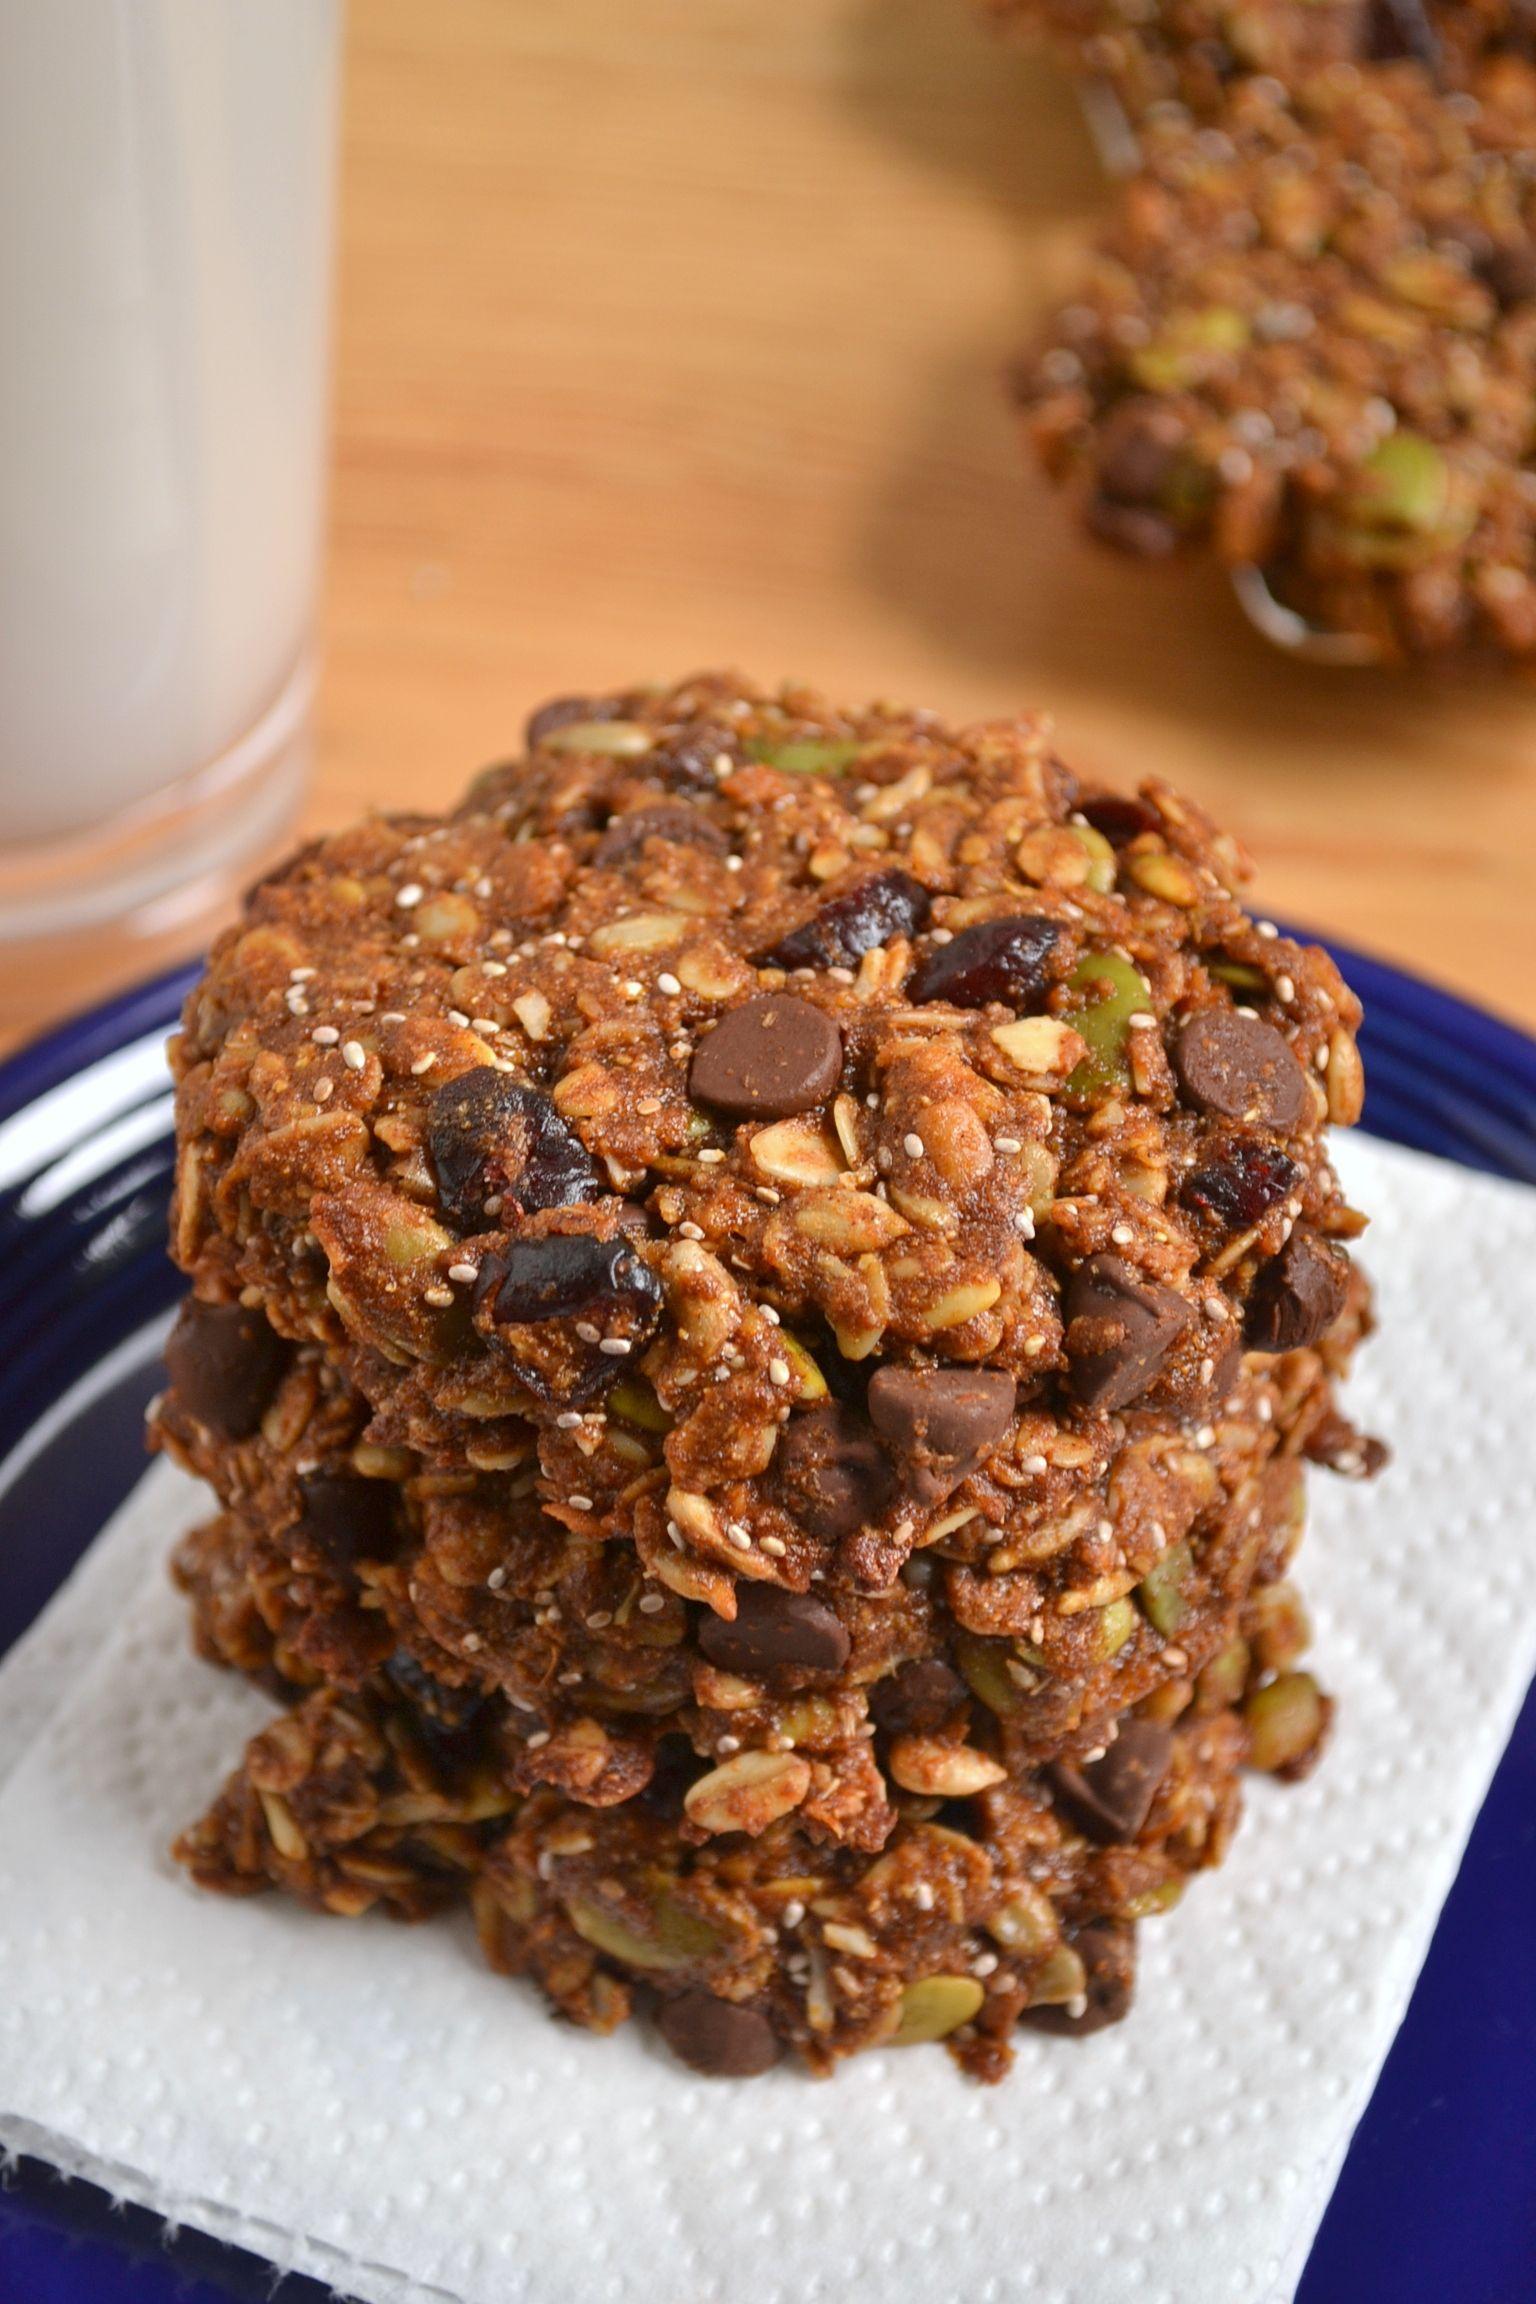 Cosmic Cookies Whole Grain Vegan And Nut Free Food Doodles Food Healthy Snacks